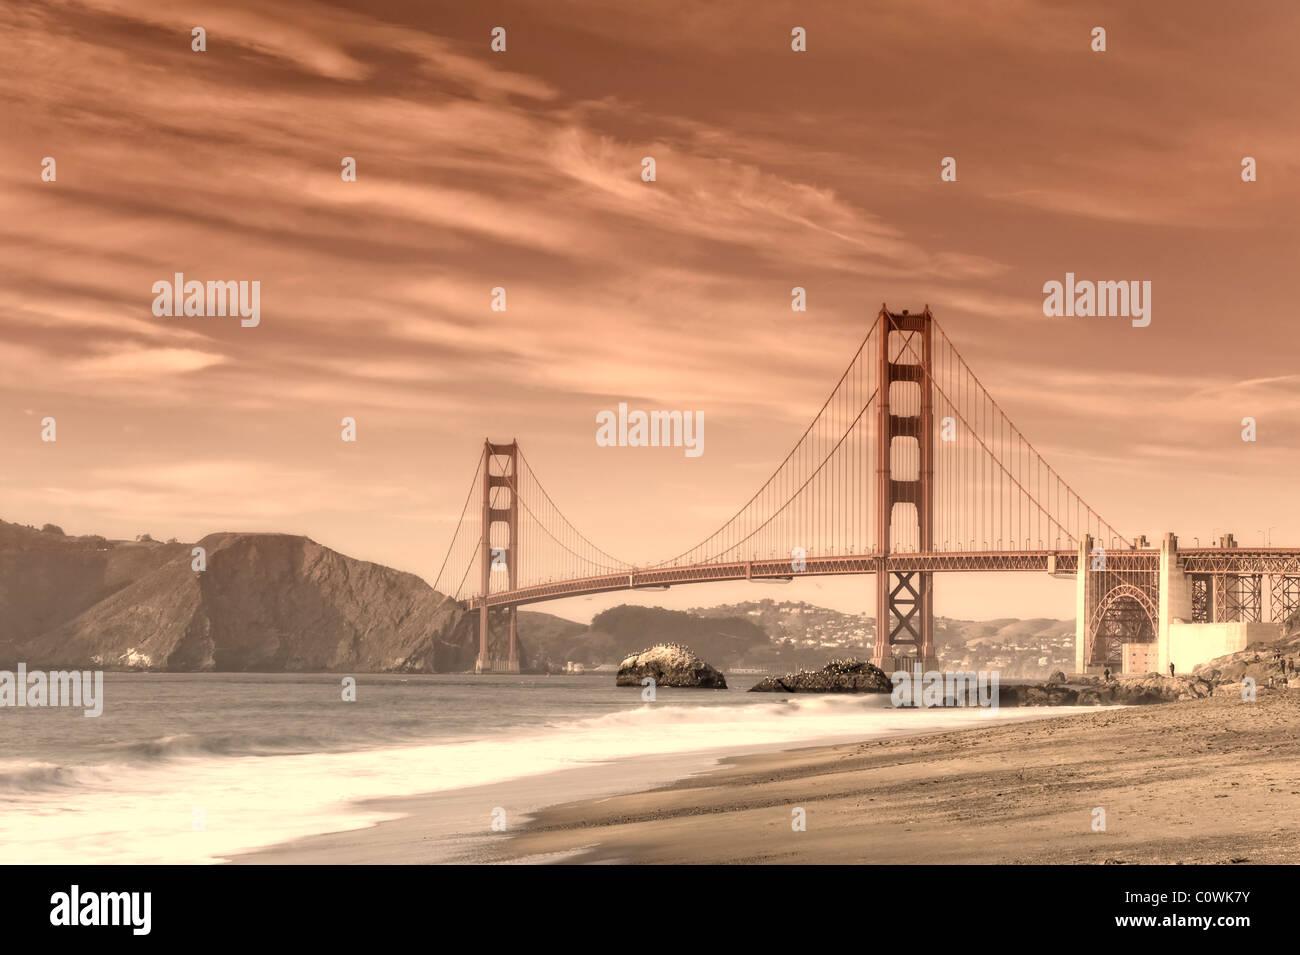 États-unis, Californie, San Francisco, Baker's Beach et Golden Gate Bridge Photo Stock